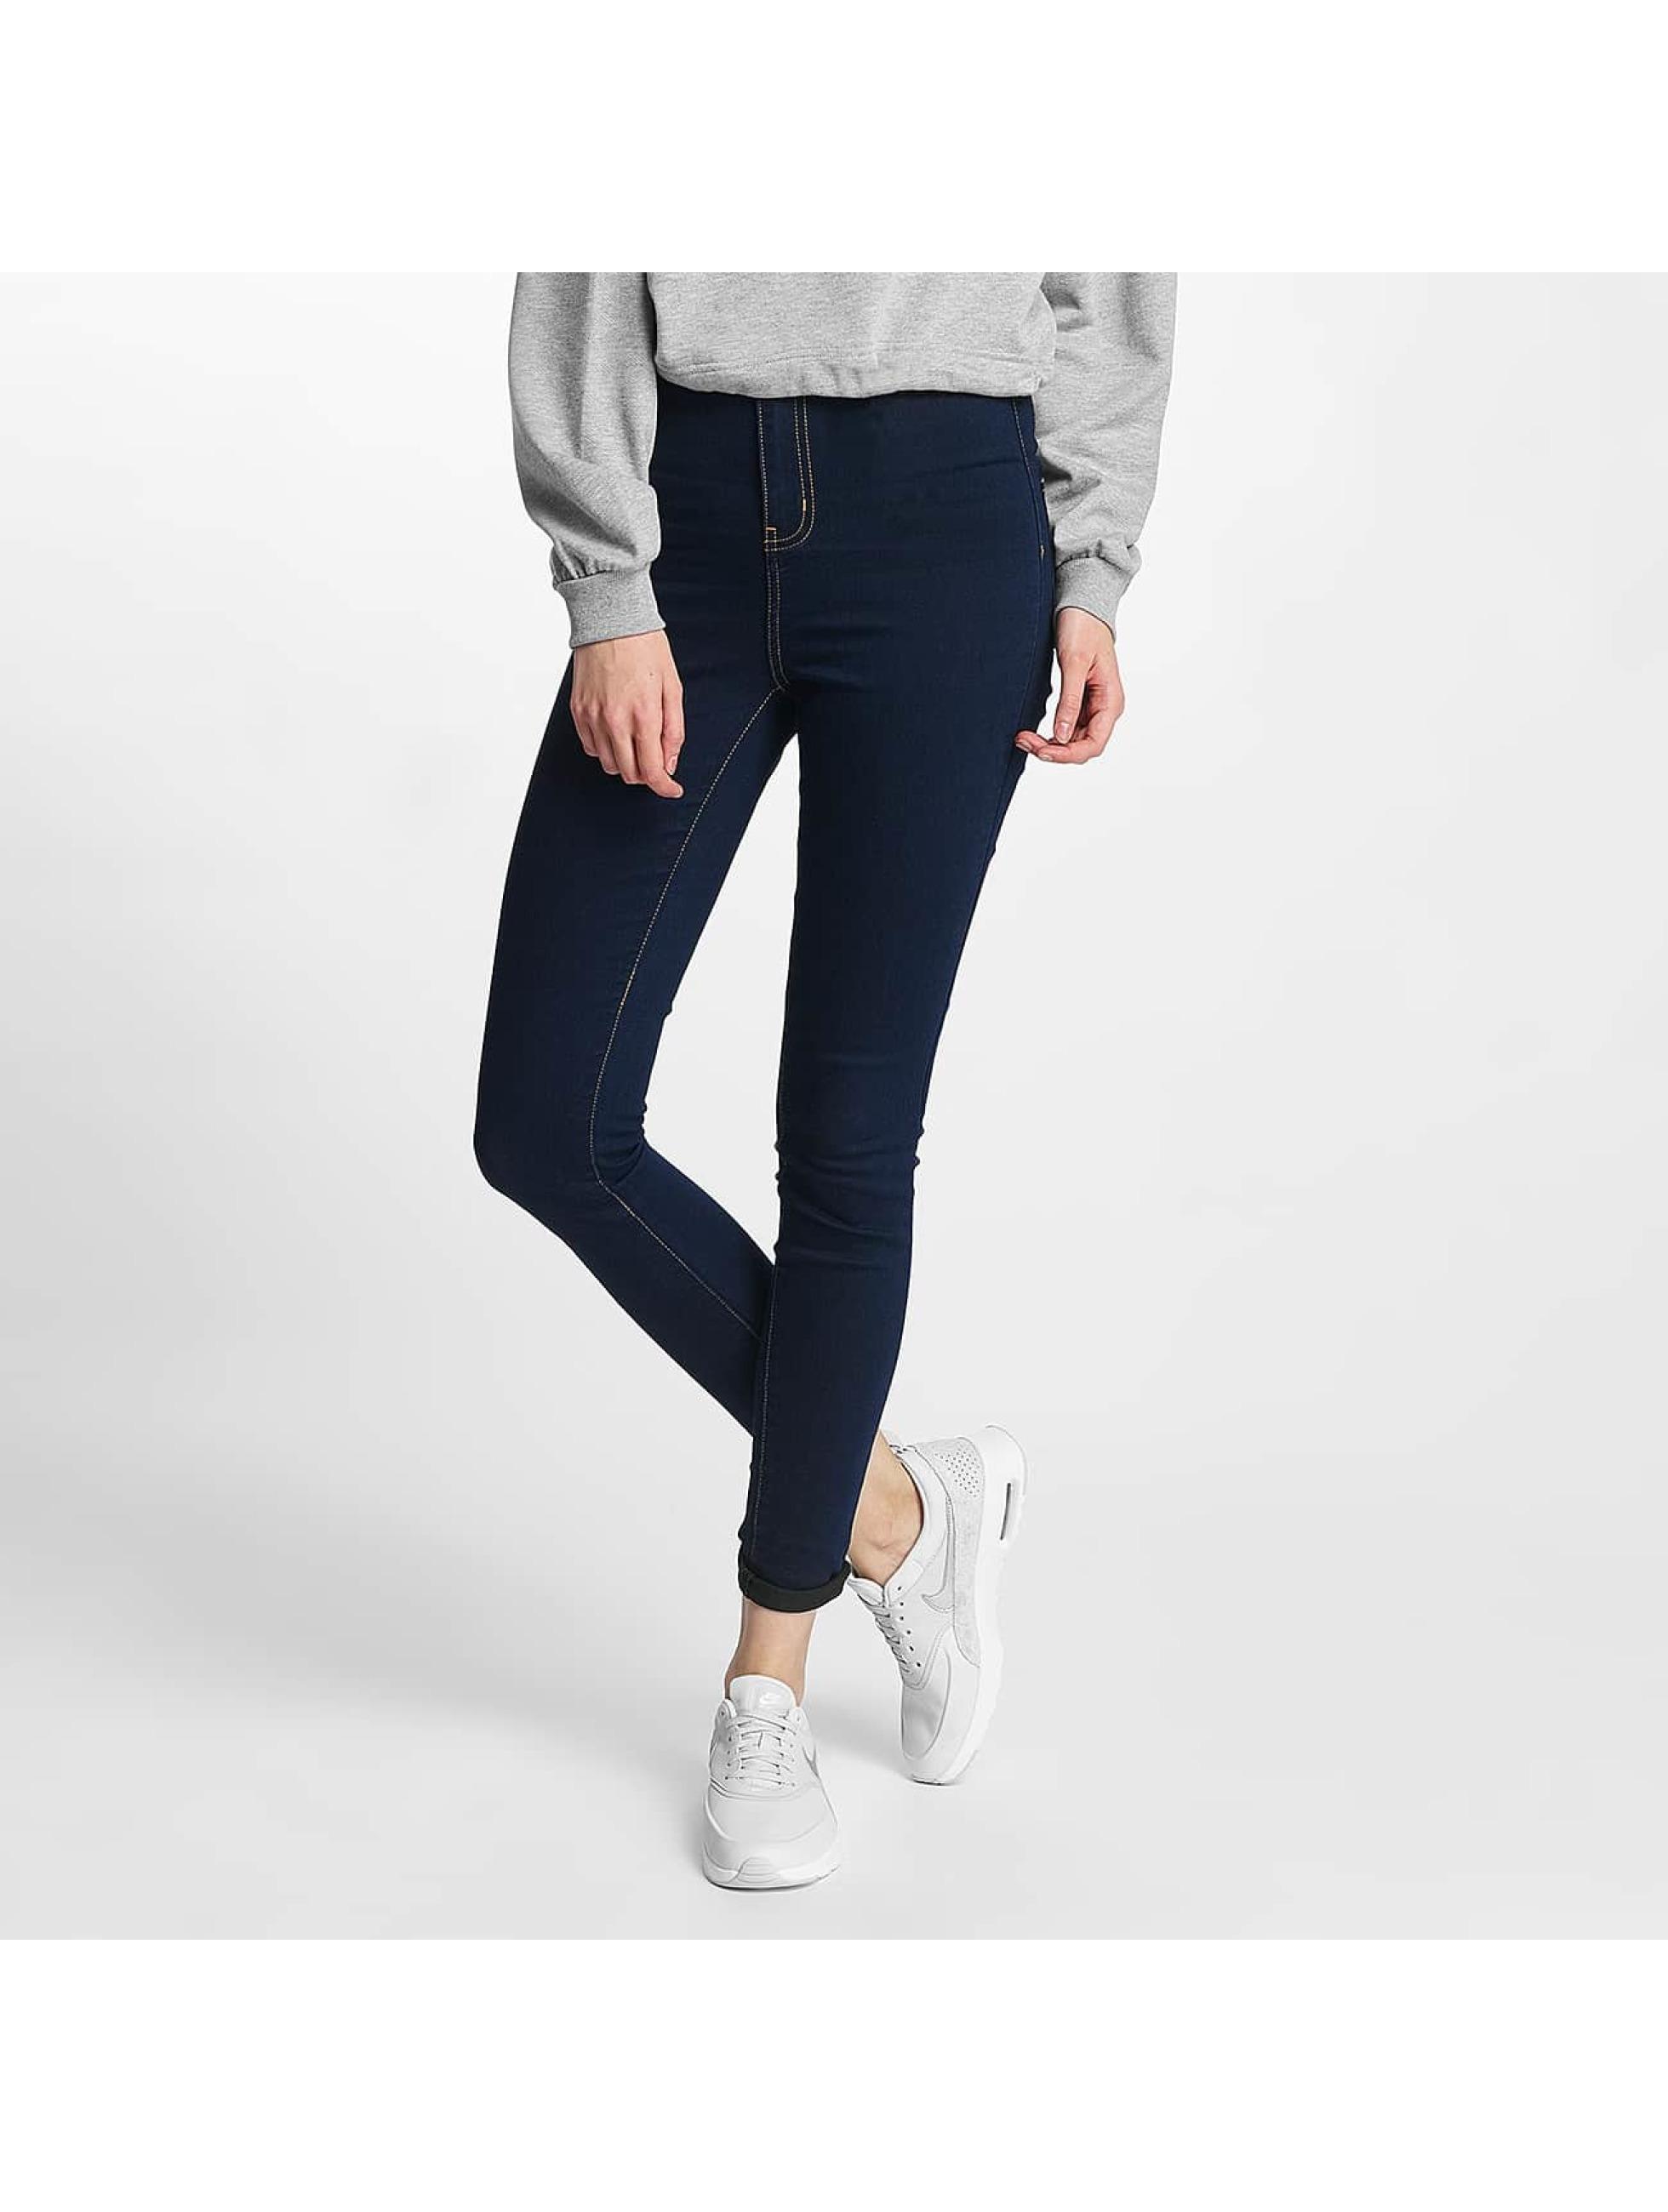 Noisy May Frauen High Waist Jeans nmElla Super High Waist in blau